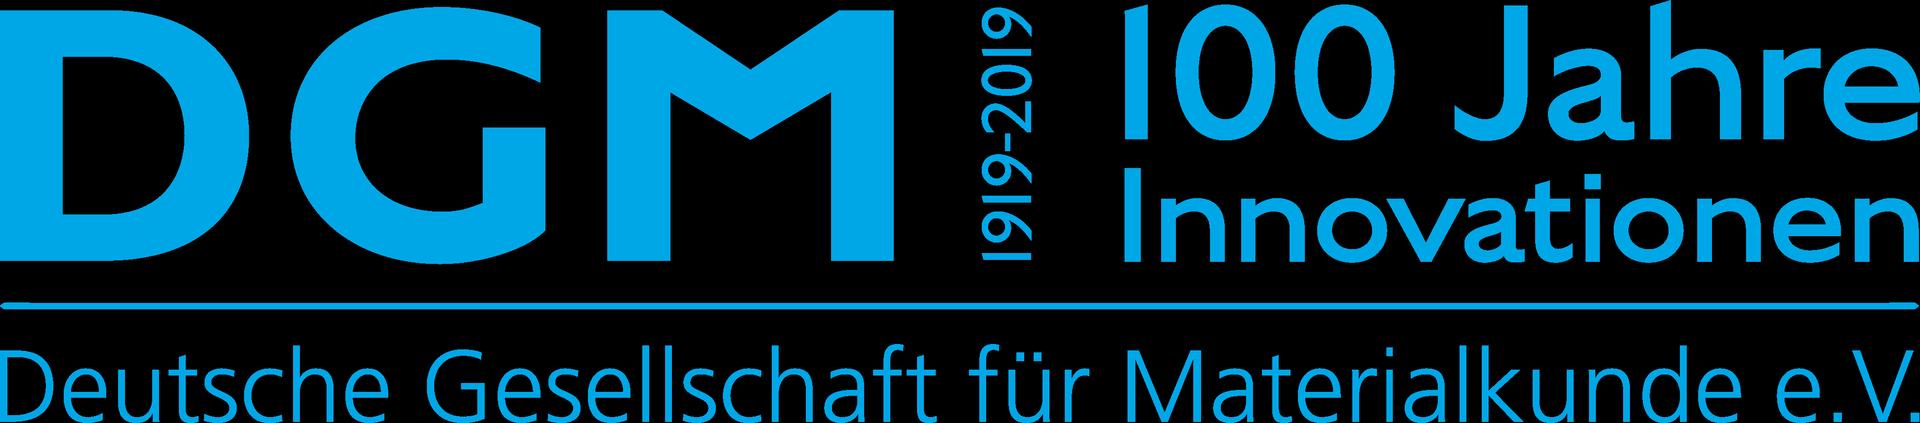 Deutsche Gesellschaft für Materialkunde